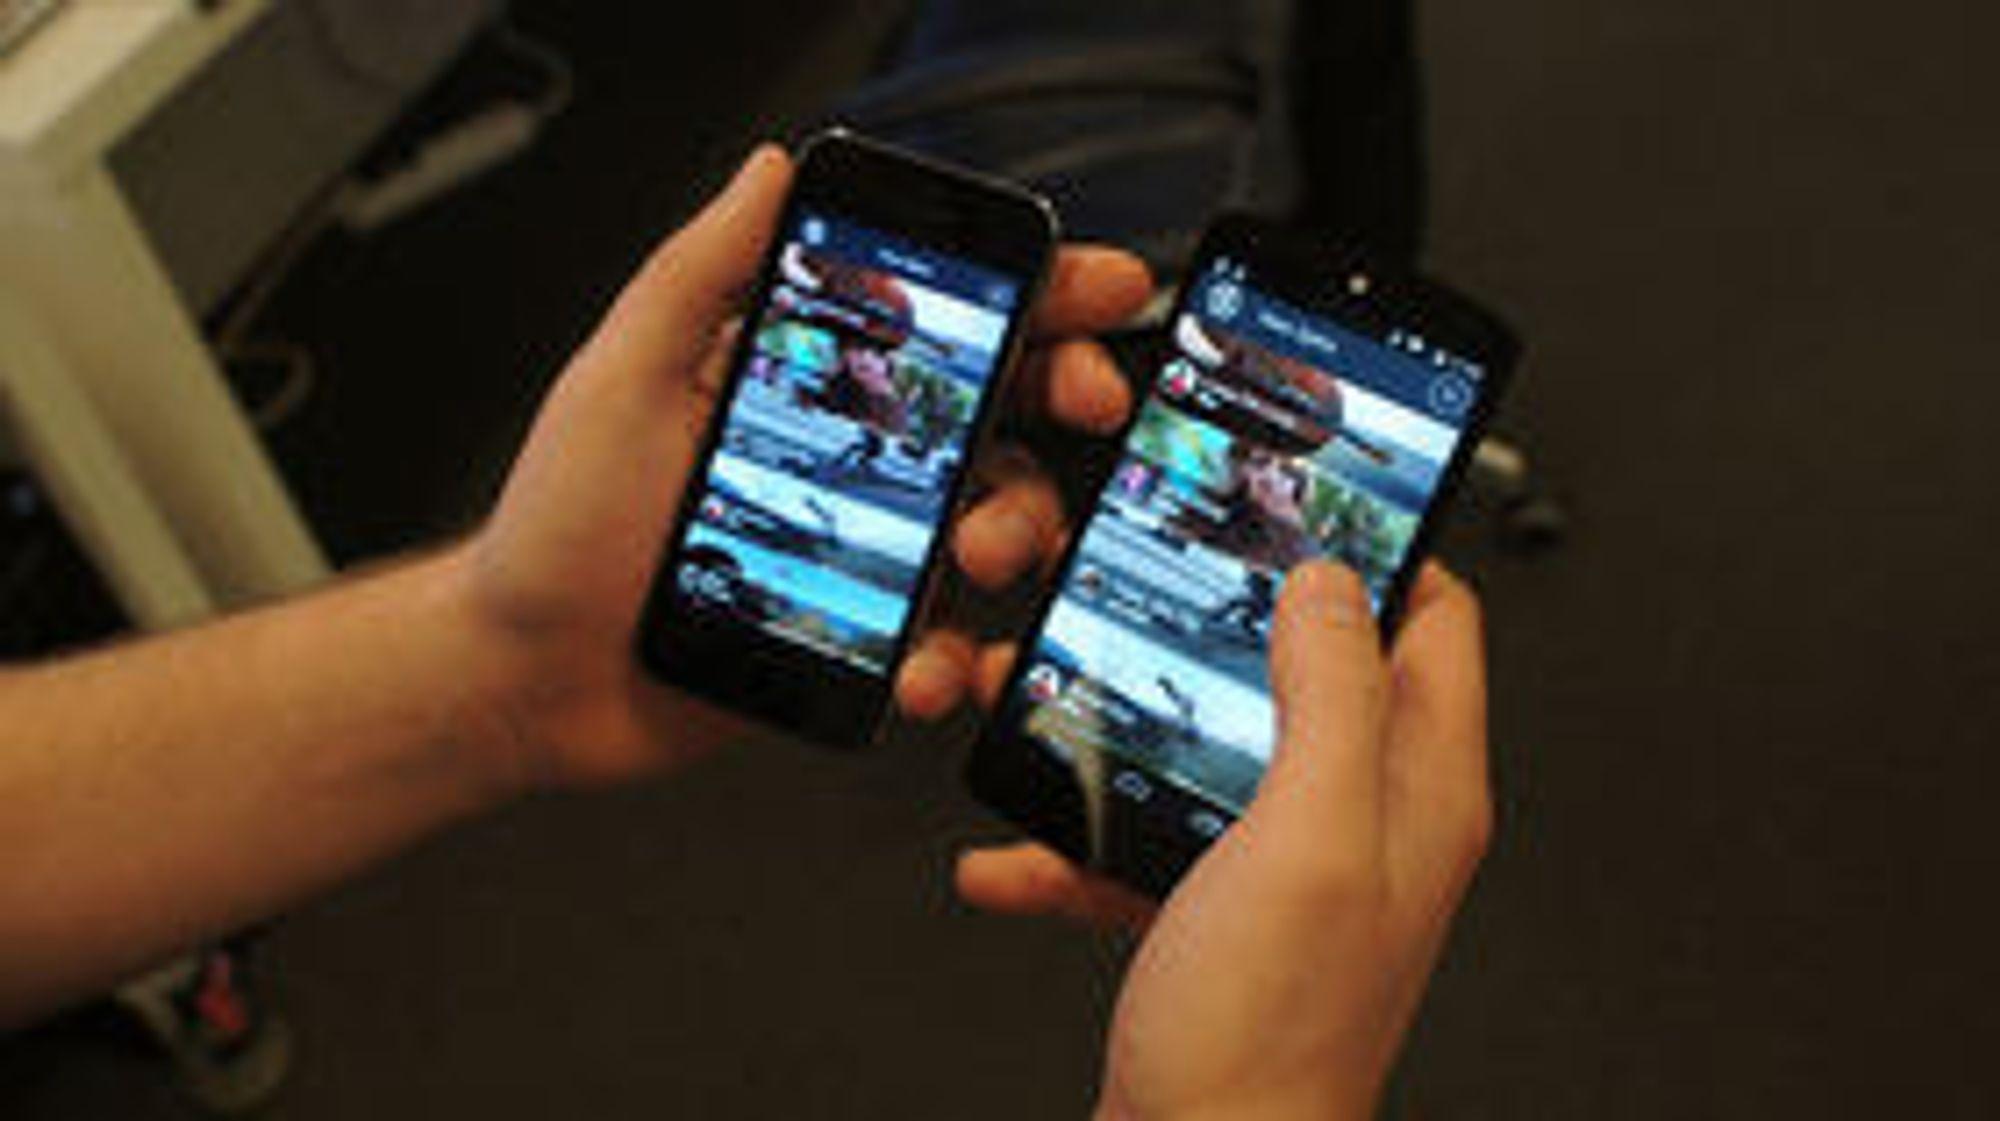 Flere applikasjoner som kjører helt likt på iOS og Android.